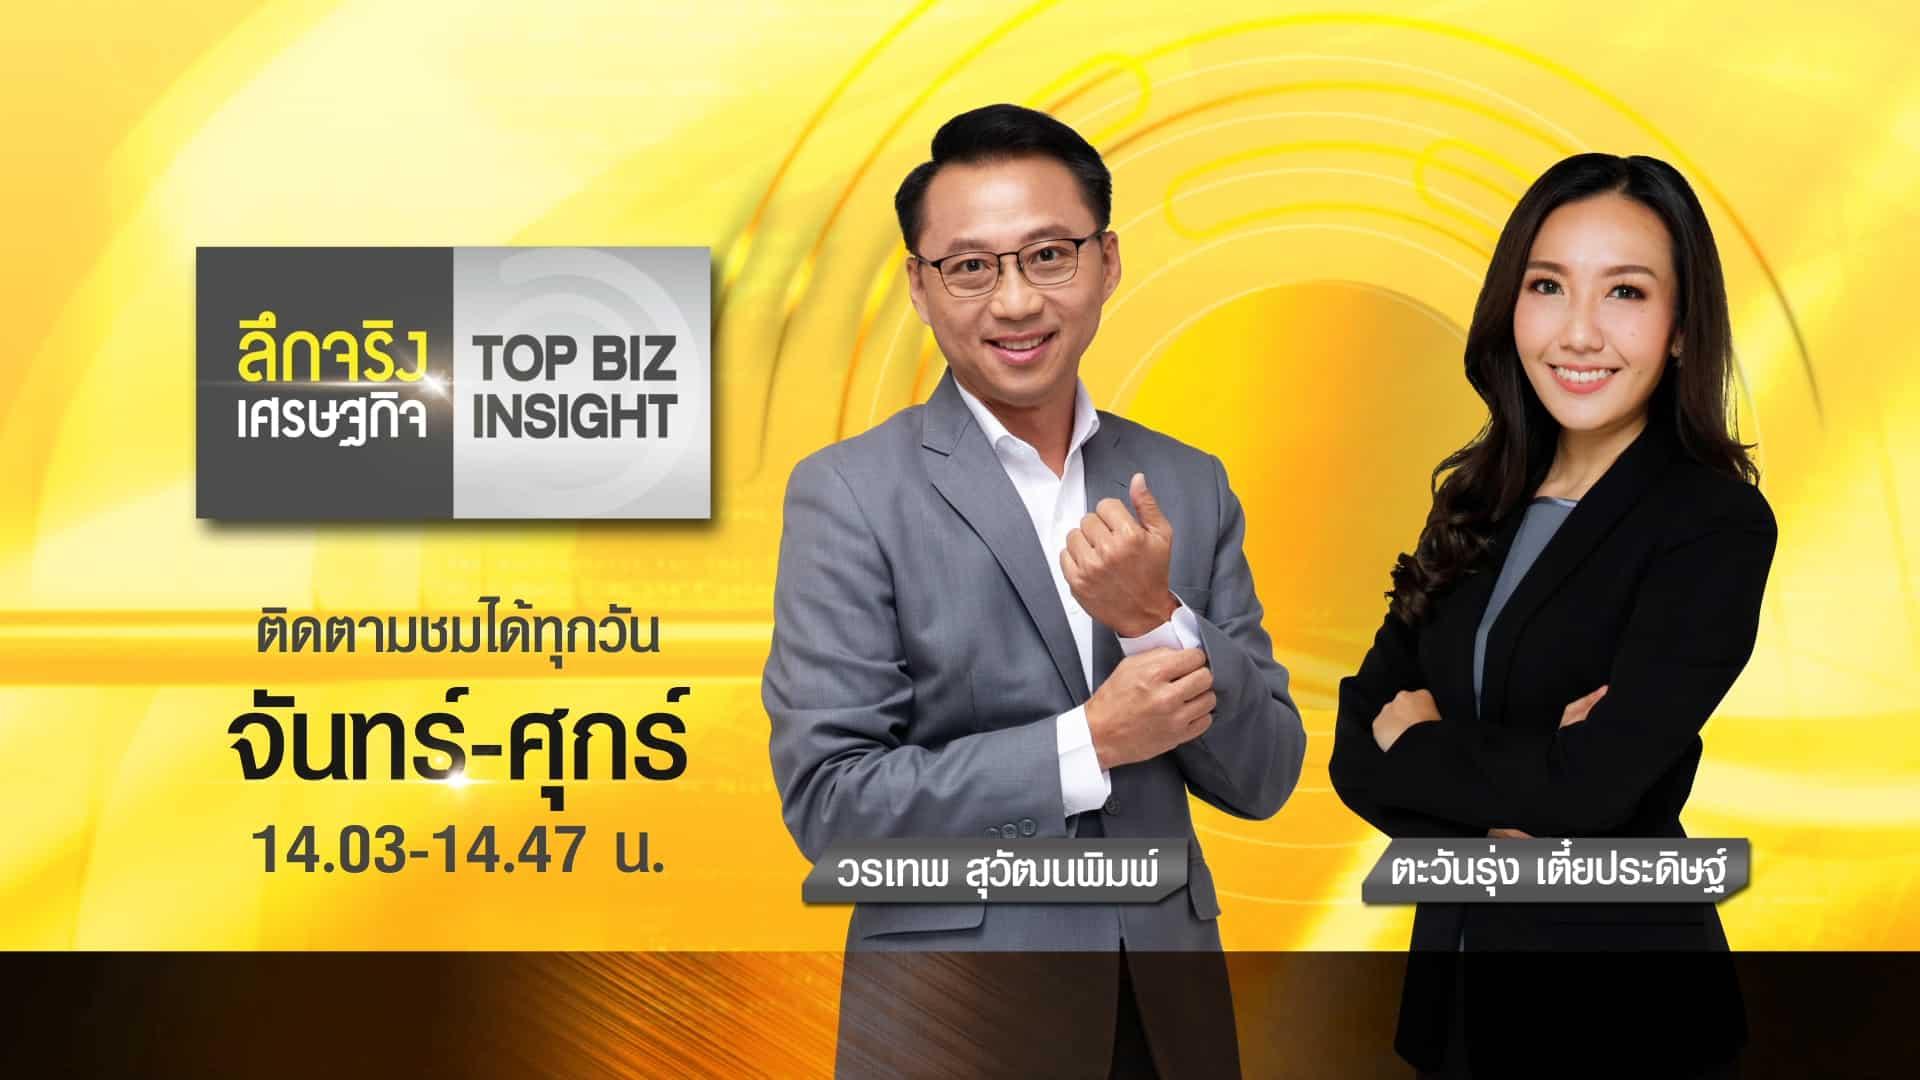 ลึกจริงเศรษฐกิจ : Top Biz Insight | 17 มิถุนายน 2564